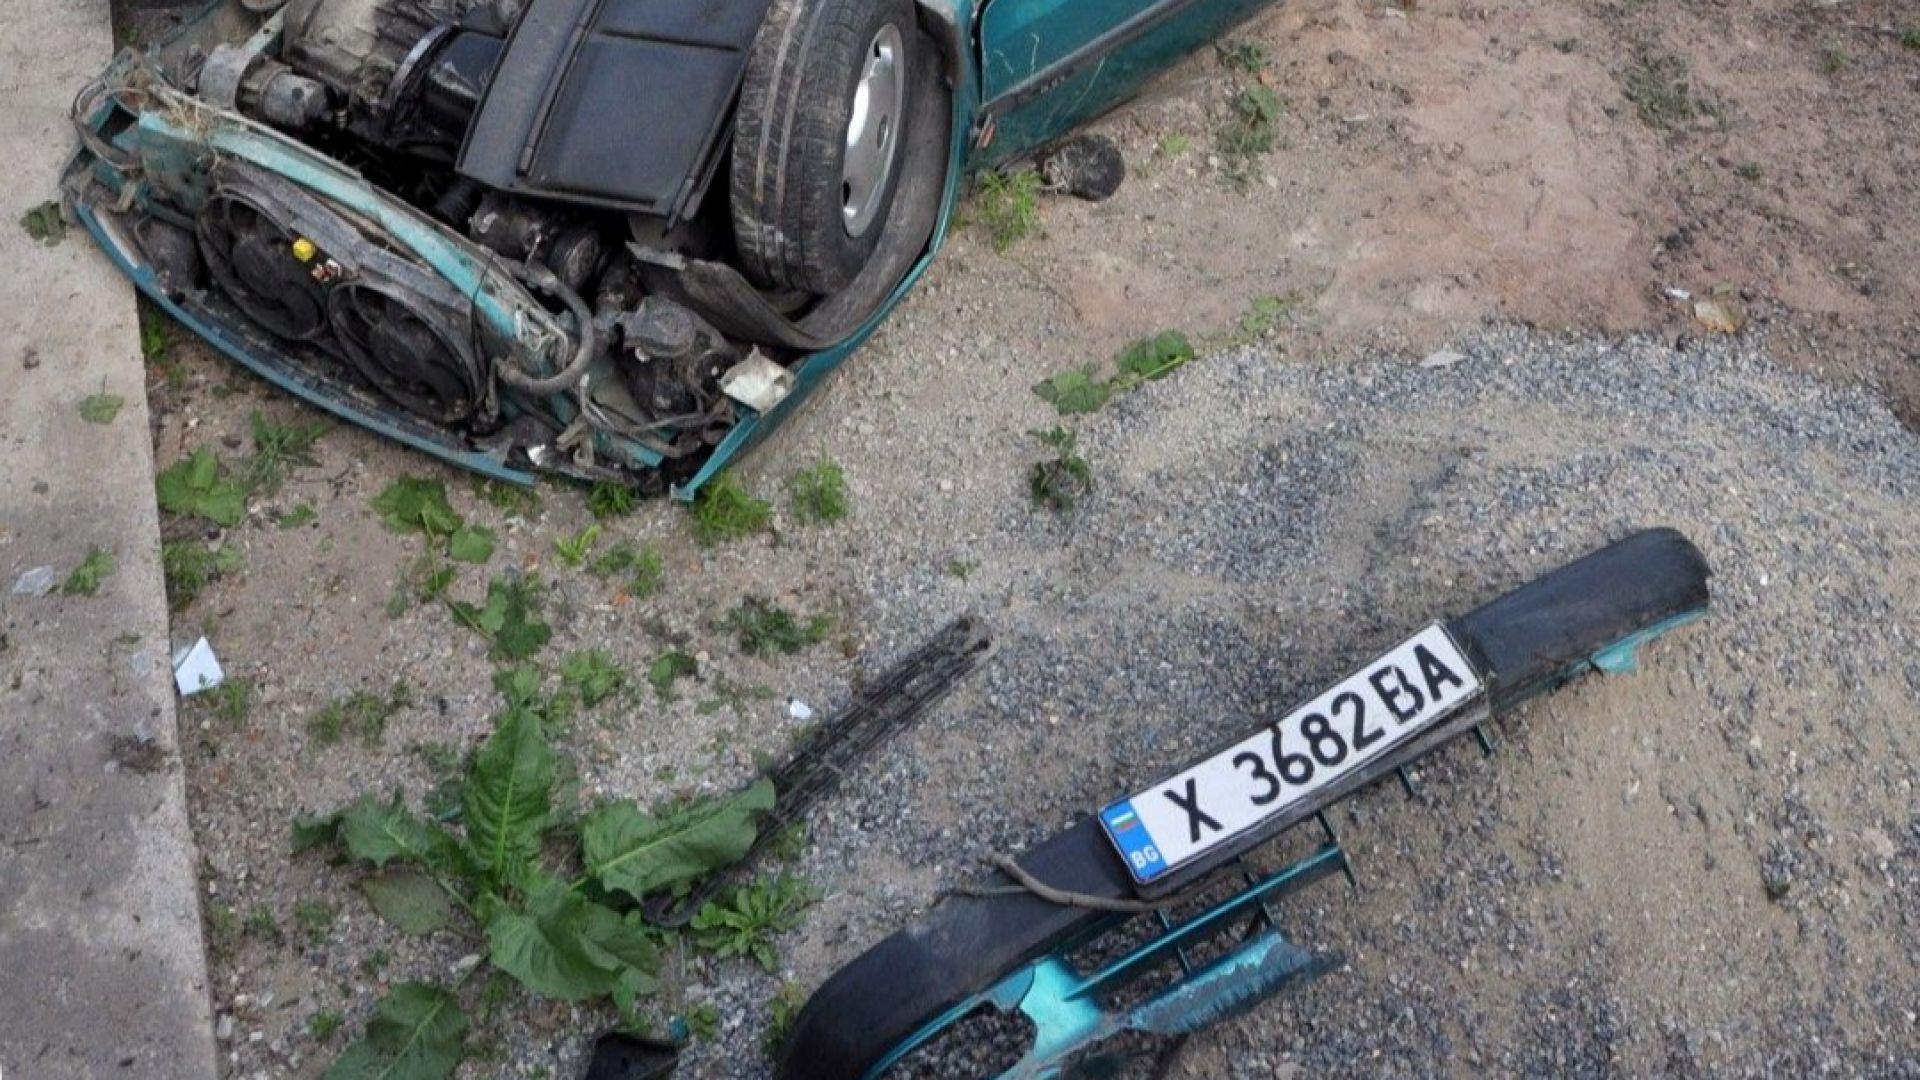 Според полицията, жената не е съобразила скоростта